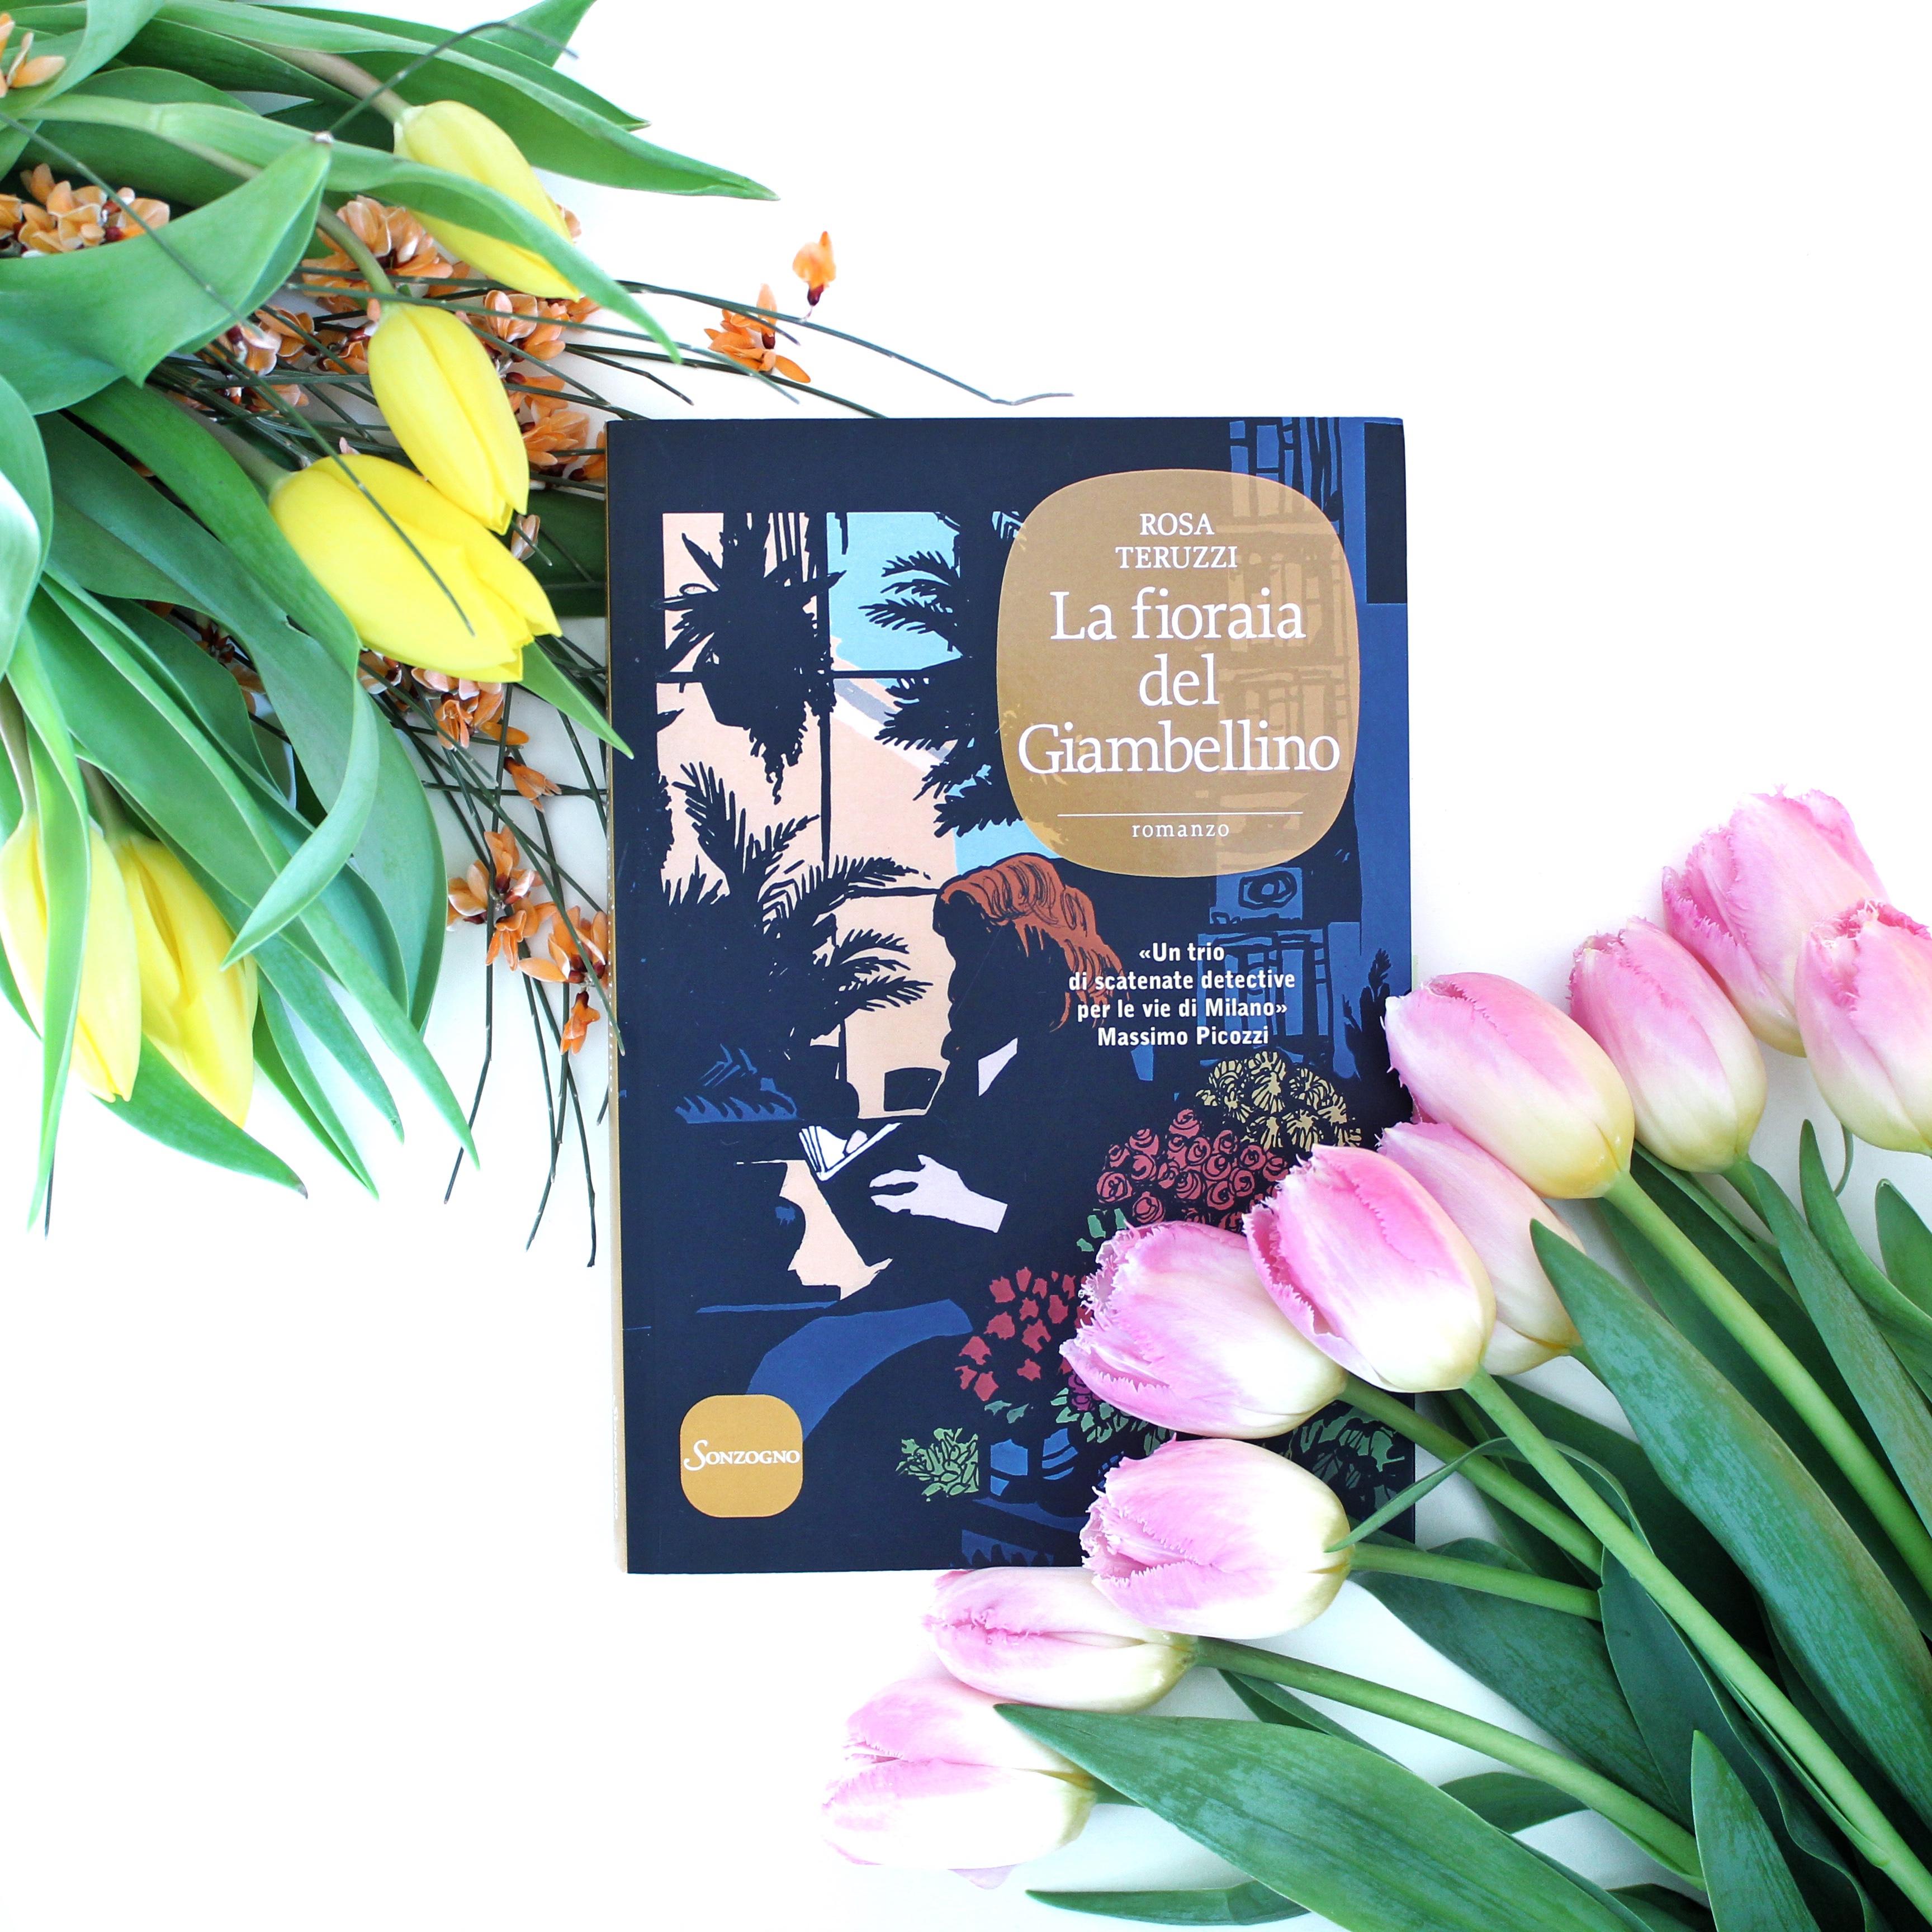 La fioraia del giambellino, Rosa Teruzzi, Sonzogno editore, Giallo, Romanzo al femminile, Romanzo, Narrativa, Serie, Fiori, Bouquet di nozze, storia d'amore, Tre protagoniste